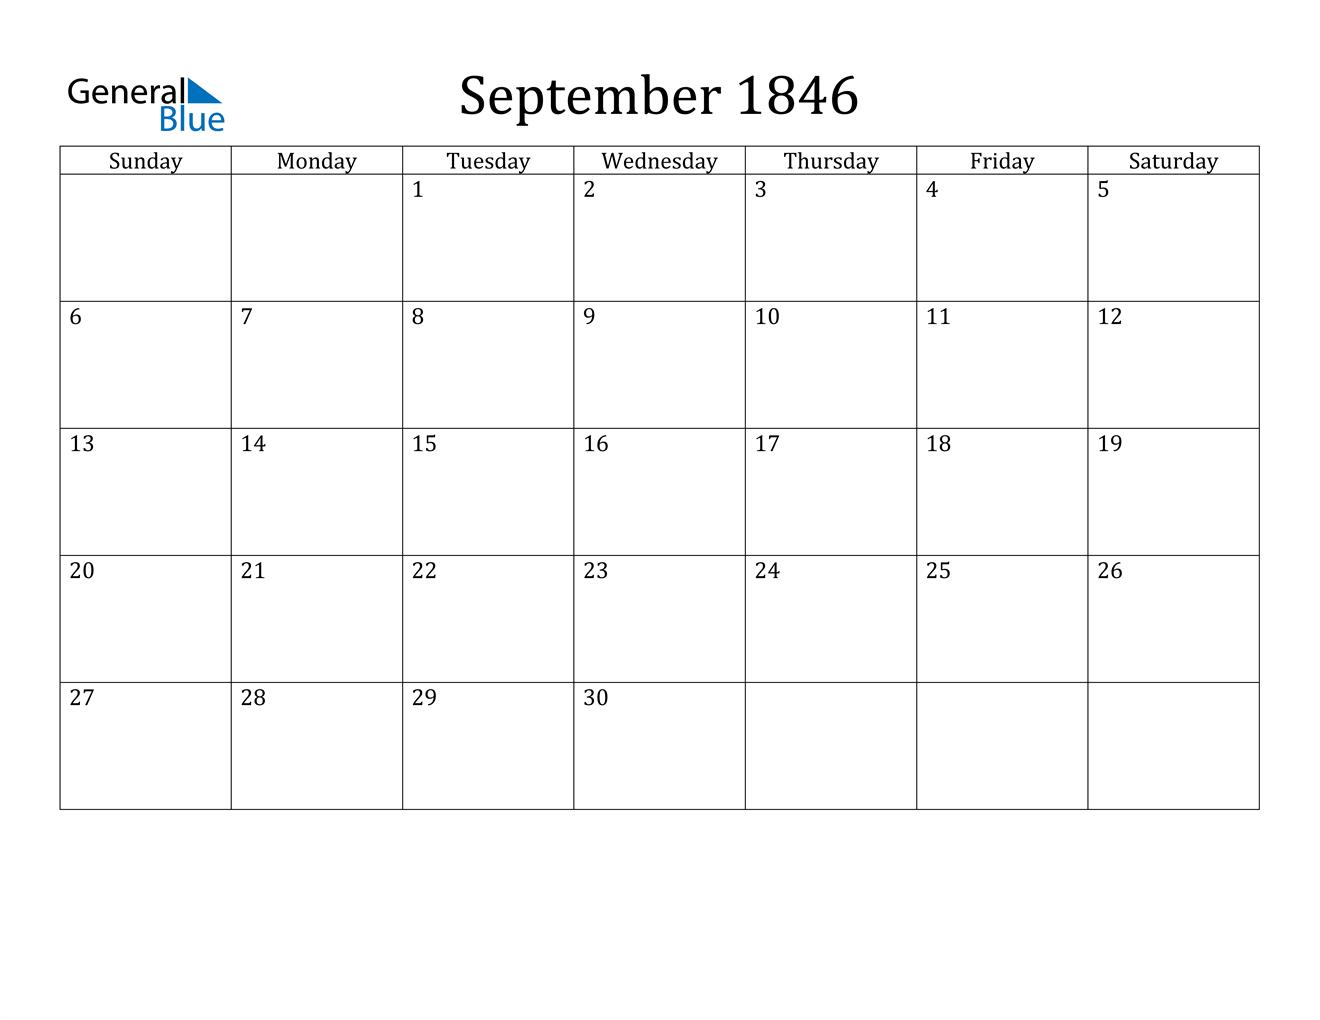 Image of September 1846 Calendar